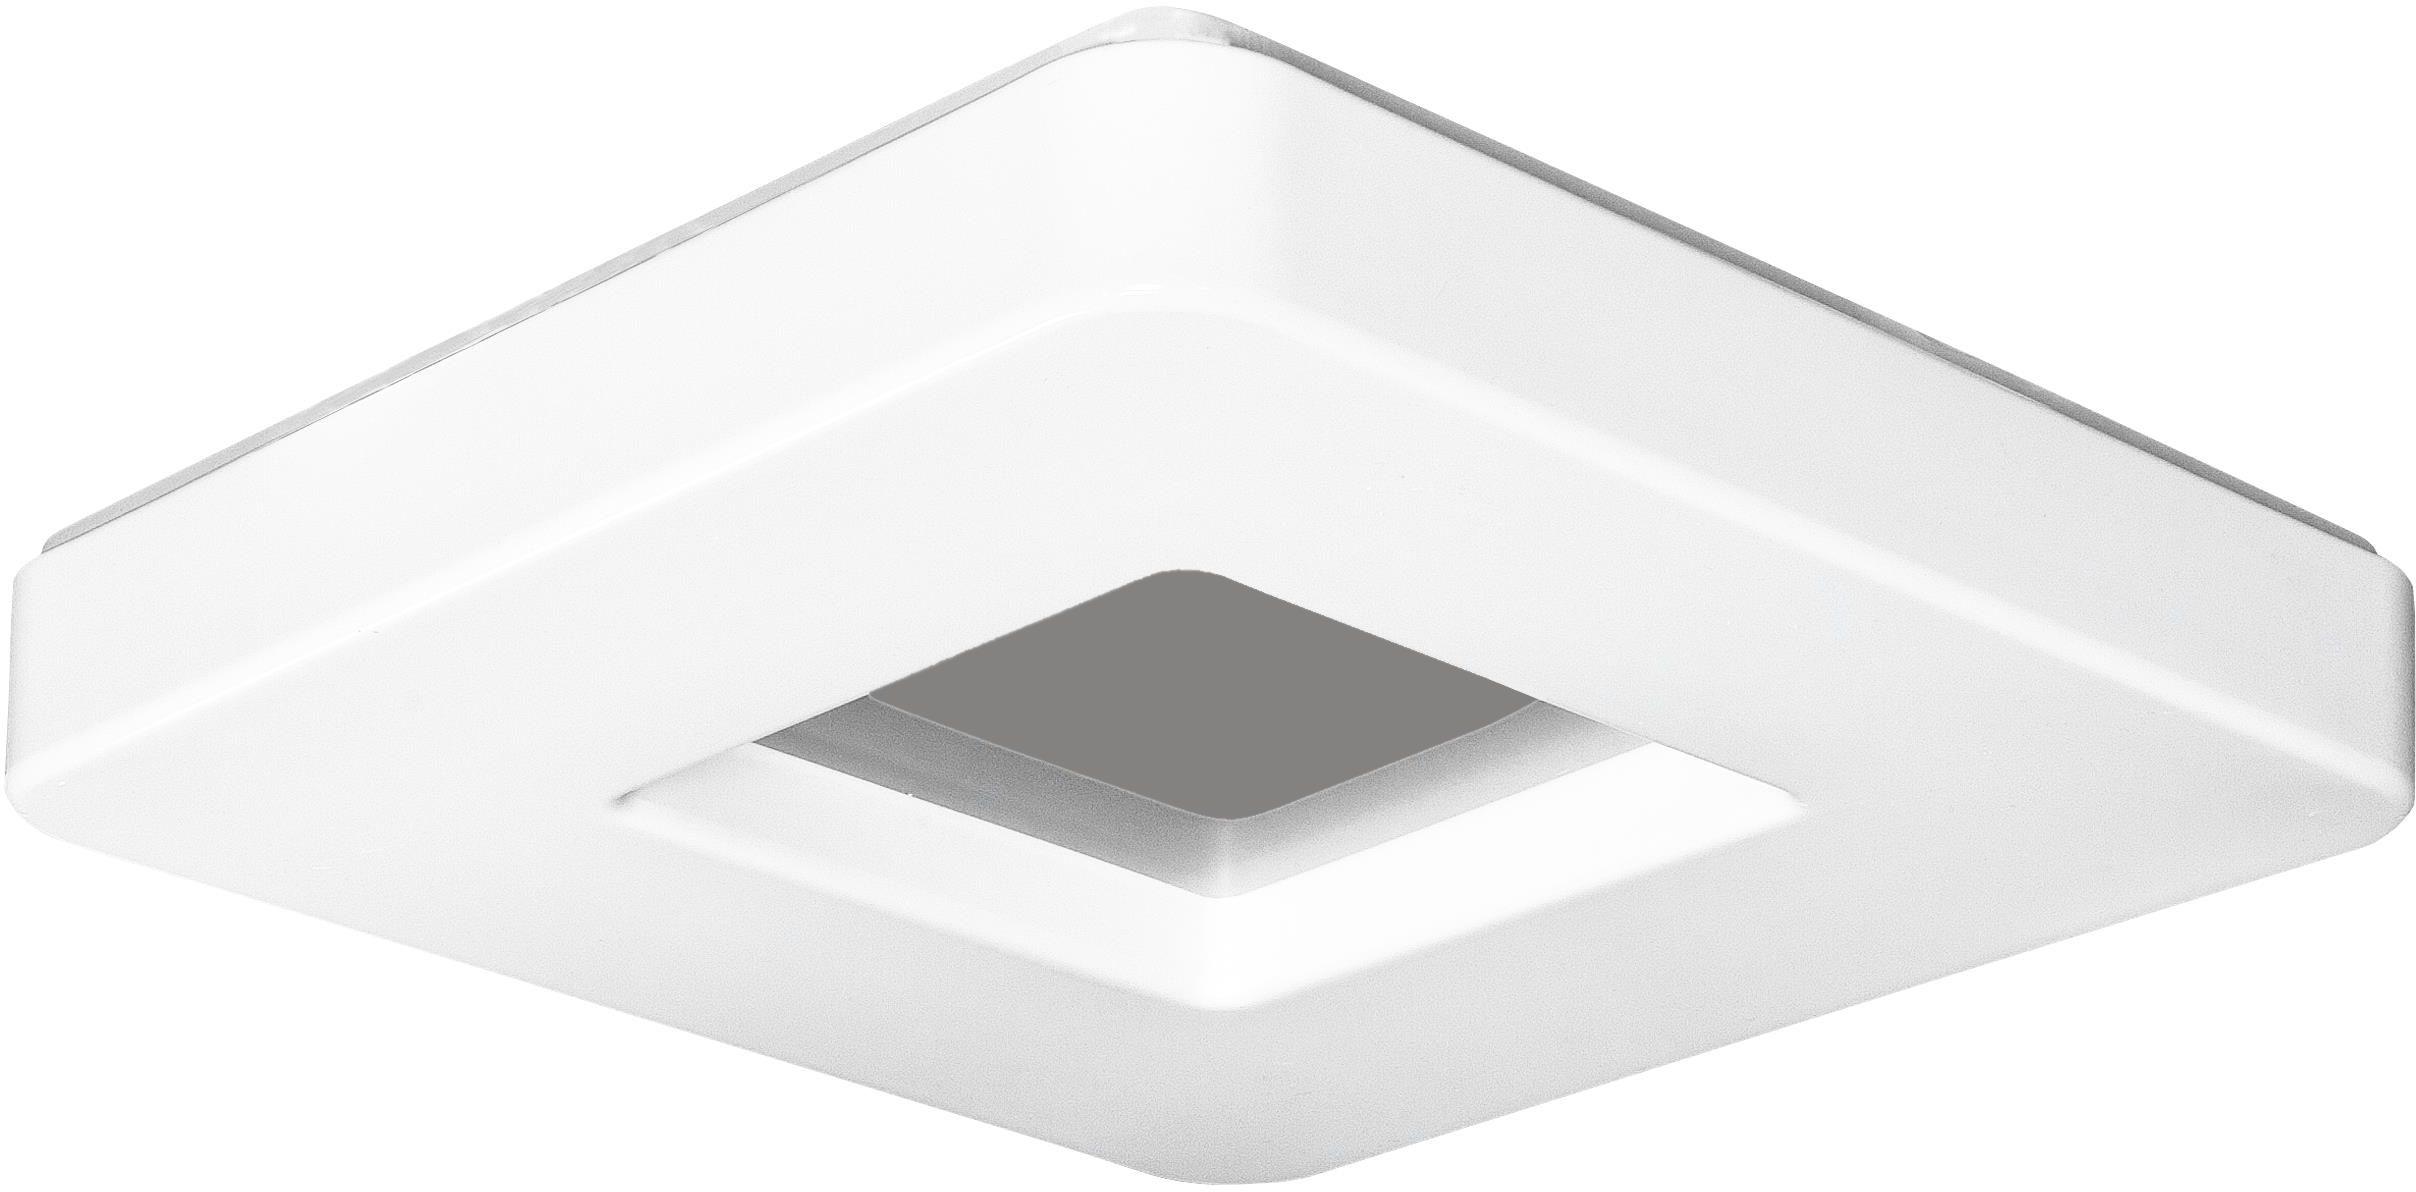 Lampex Albi 47 LED 421/47 plafon lampa sufitowa owalny kształt biały 24W LED 3000K /6000K 47cm